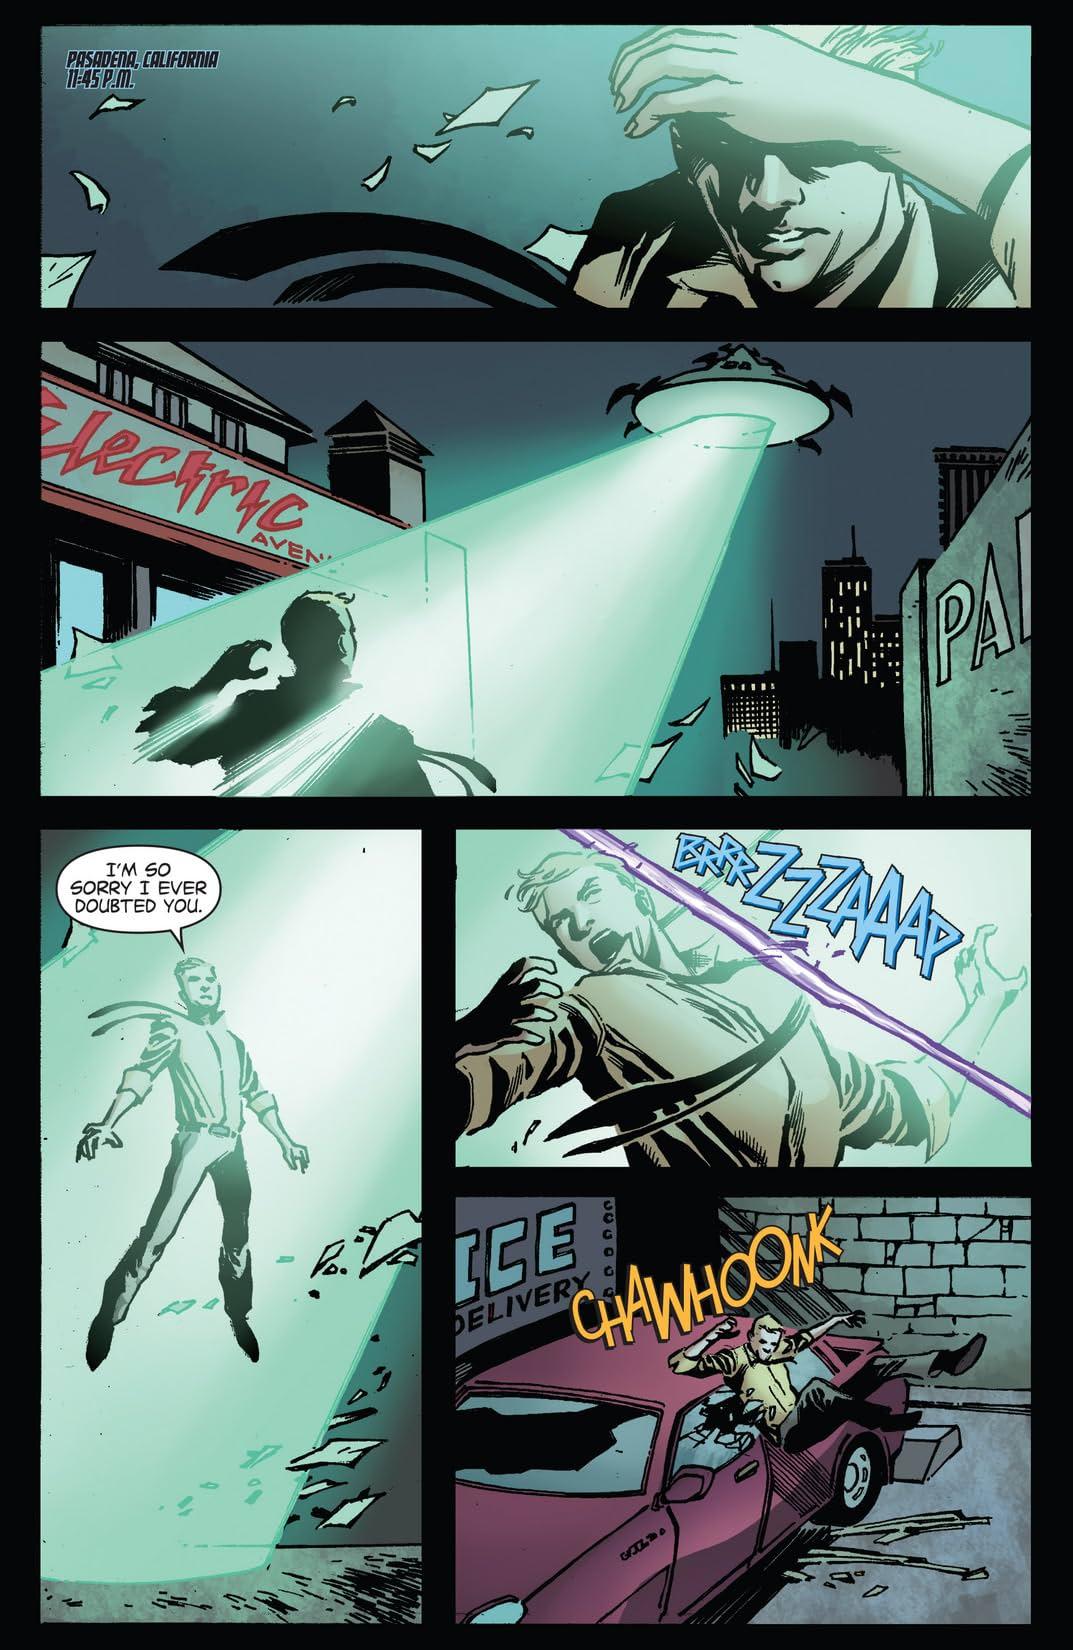 Vampirella #28: Digital Exclusive Edition